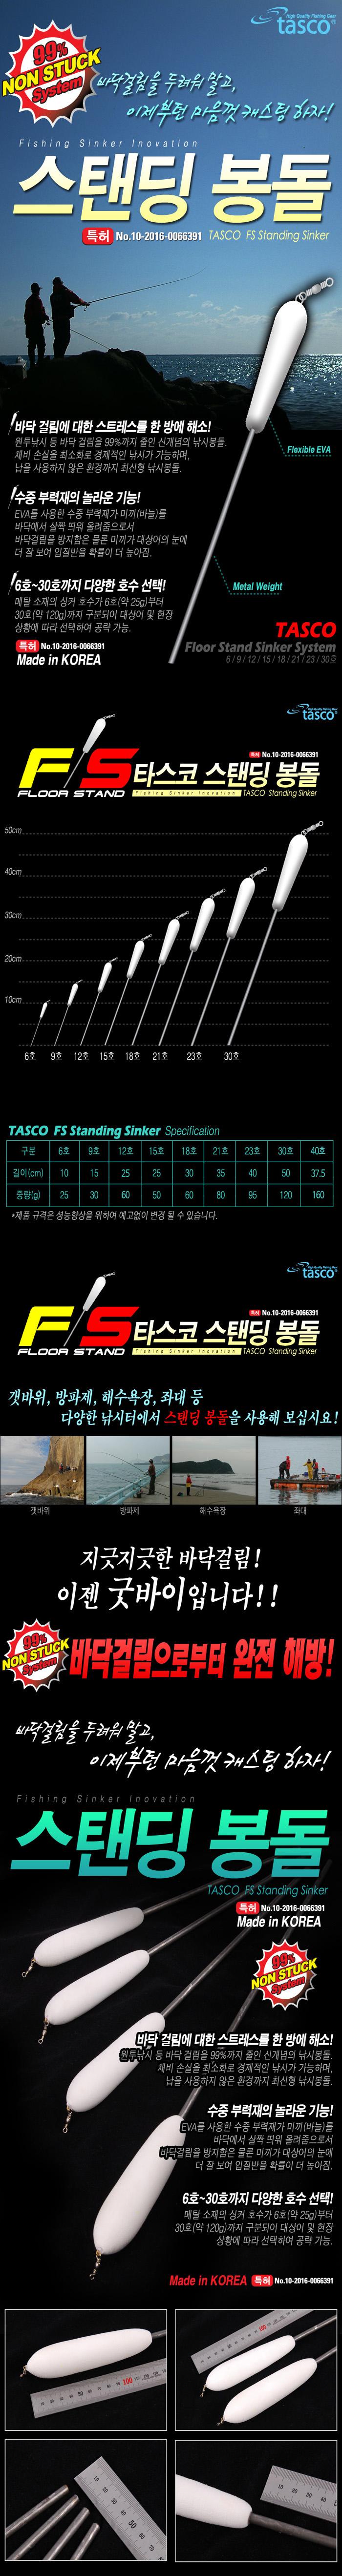 타스코 스탠딩봉돌 신개념묶음추 논스탁시스템 스텐딩봉돌 스탠딩추 스텐딩추